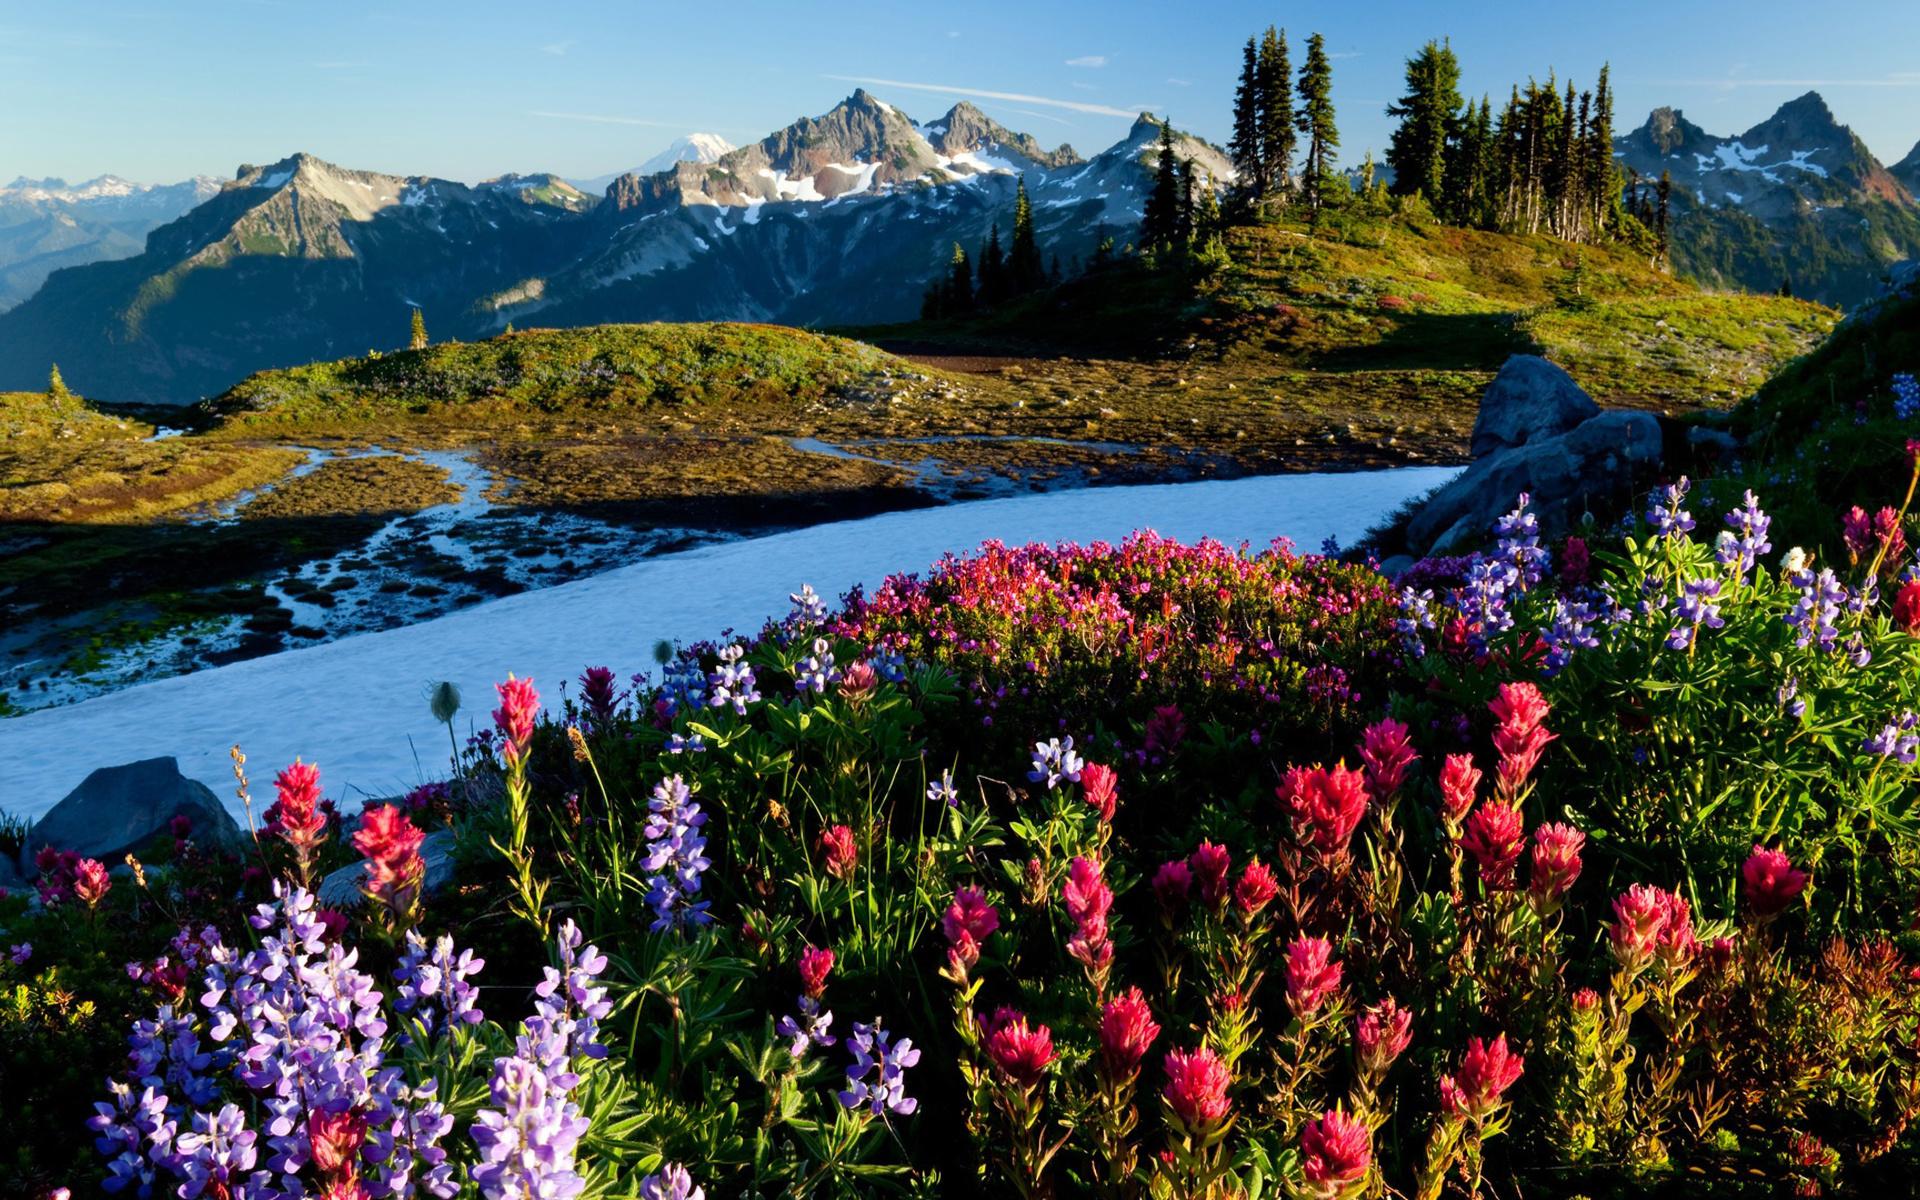 меня очень красивые картинки с природой и цветами каждой